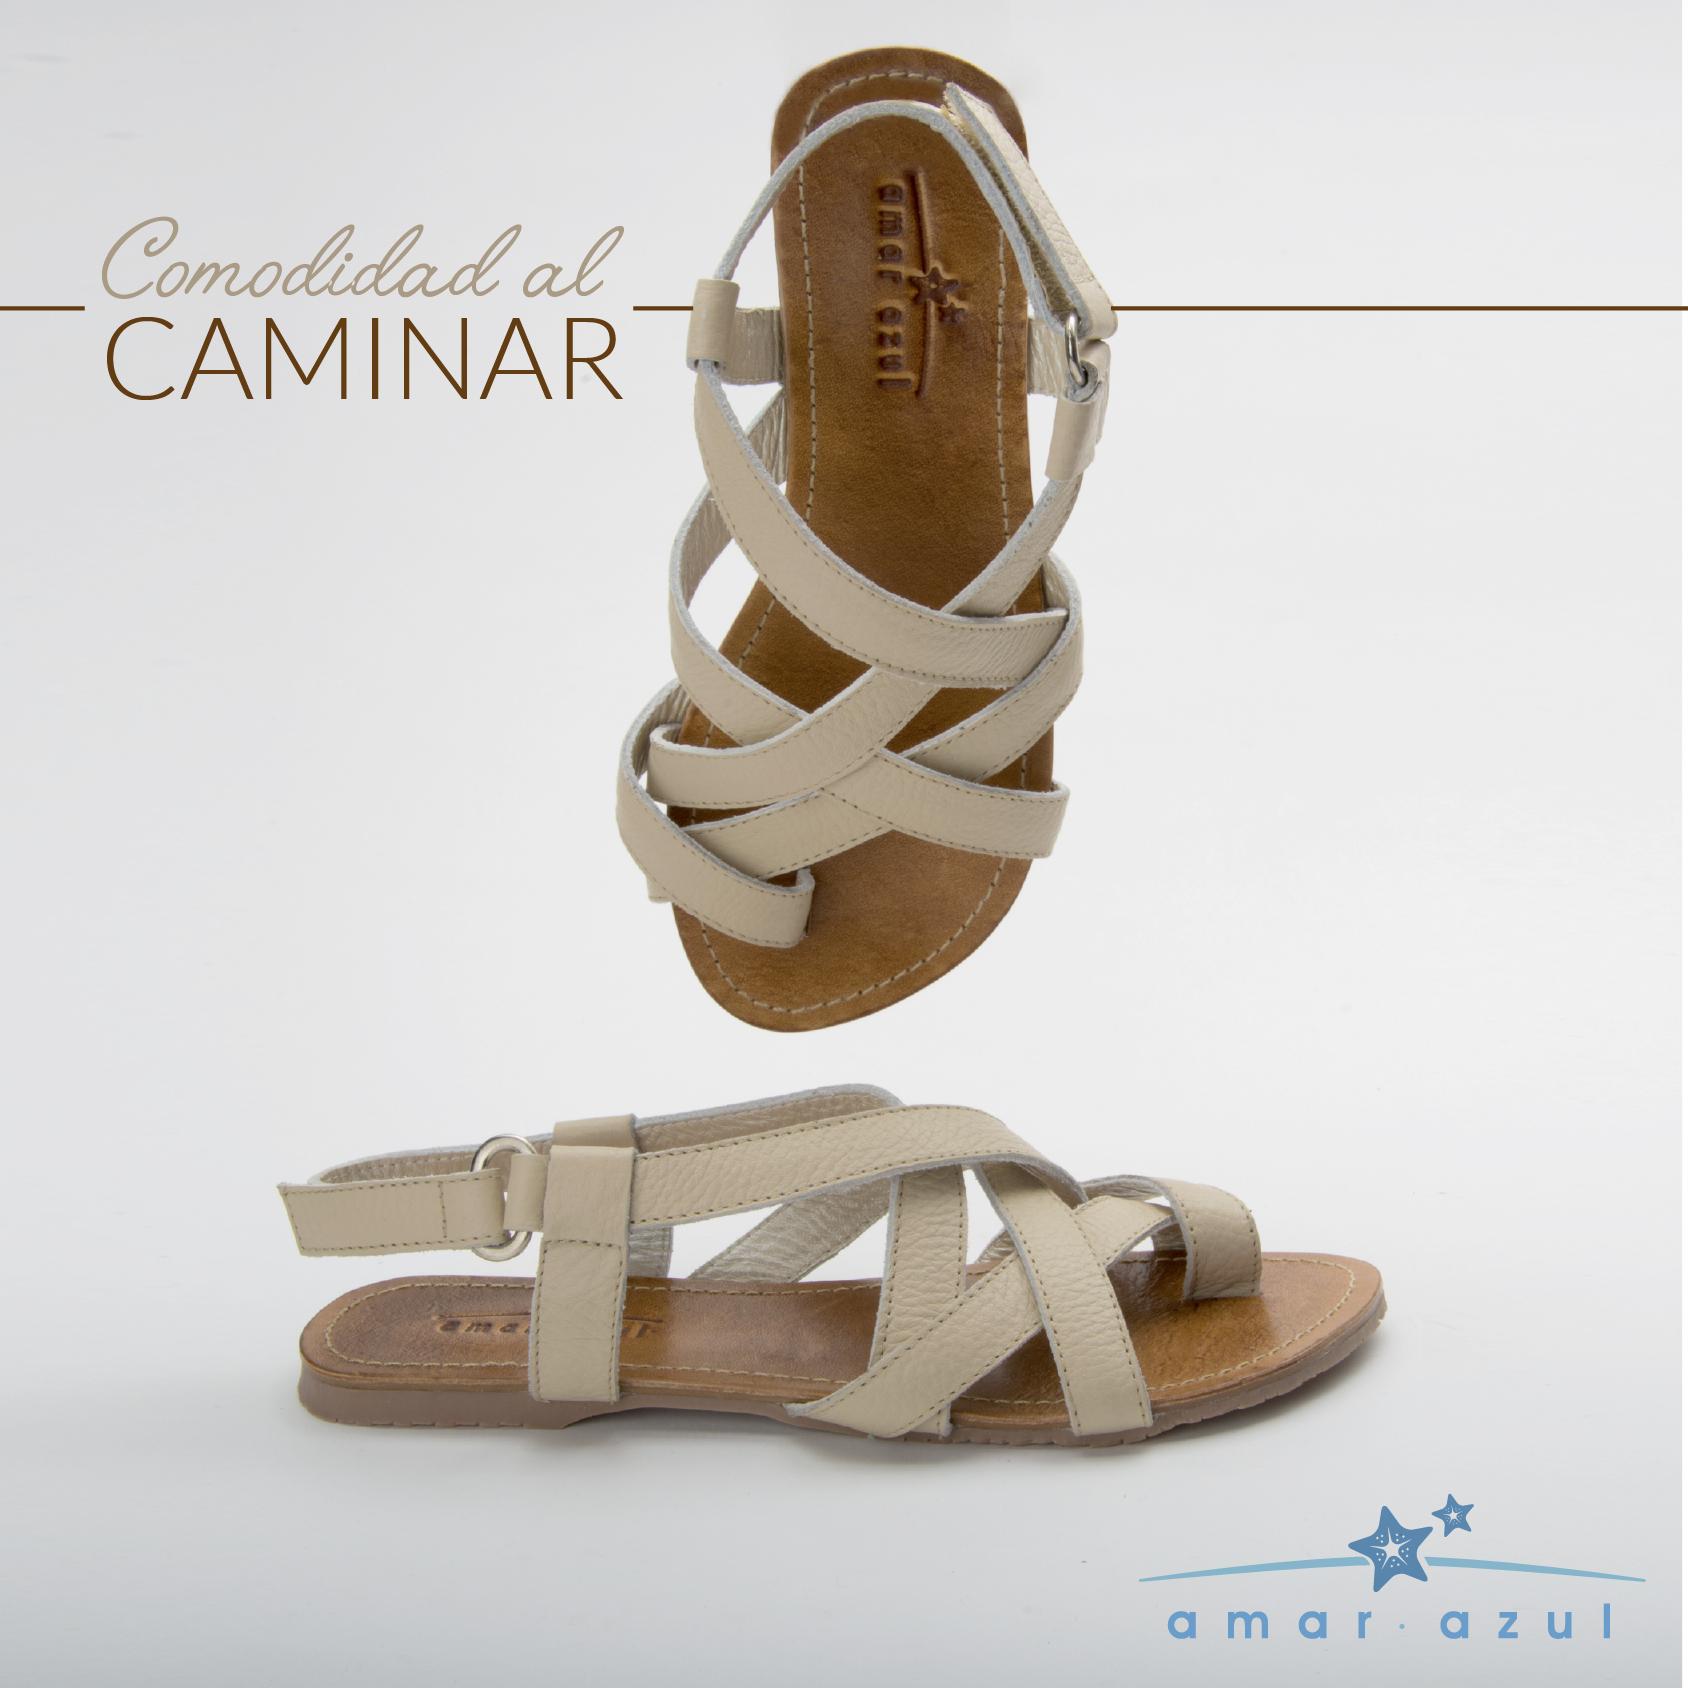 Nuestras #Sandalias en tono champaña aportarán un toque elegancia en tu #Outfit. Combínalas con tonos oscuros para lucir #Espectacular.